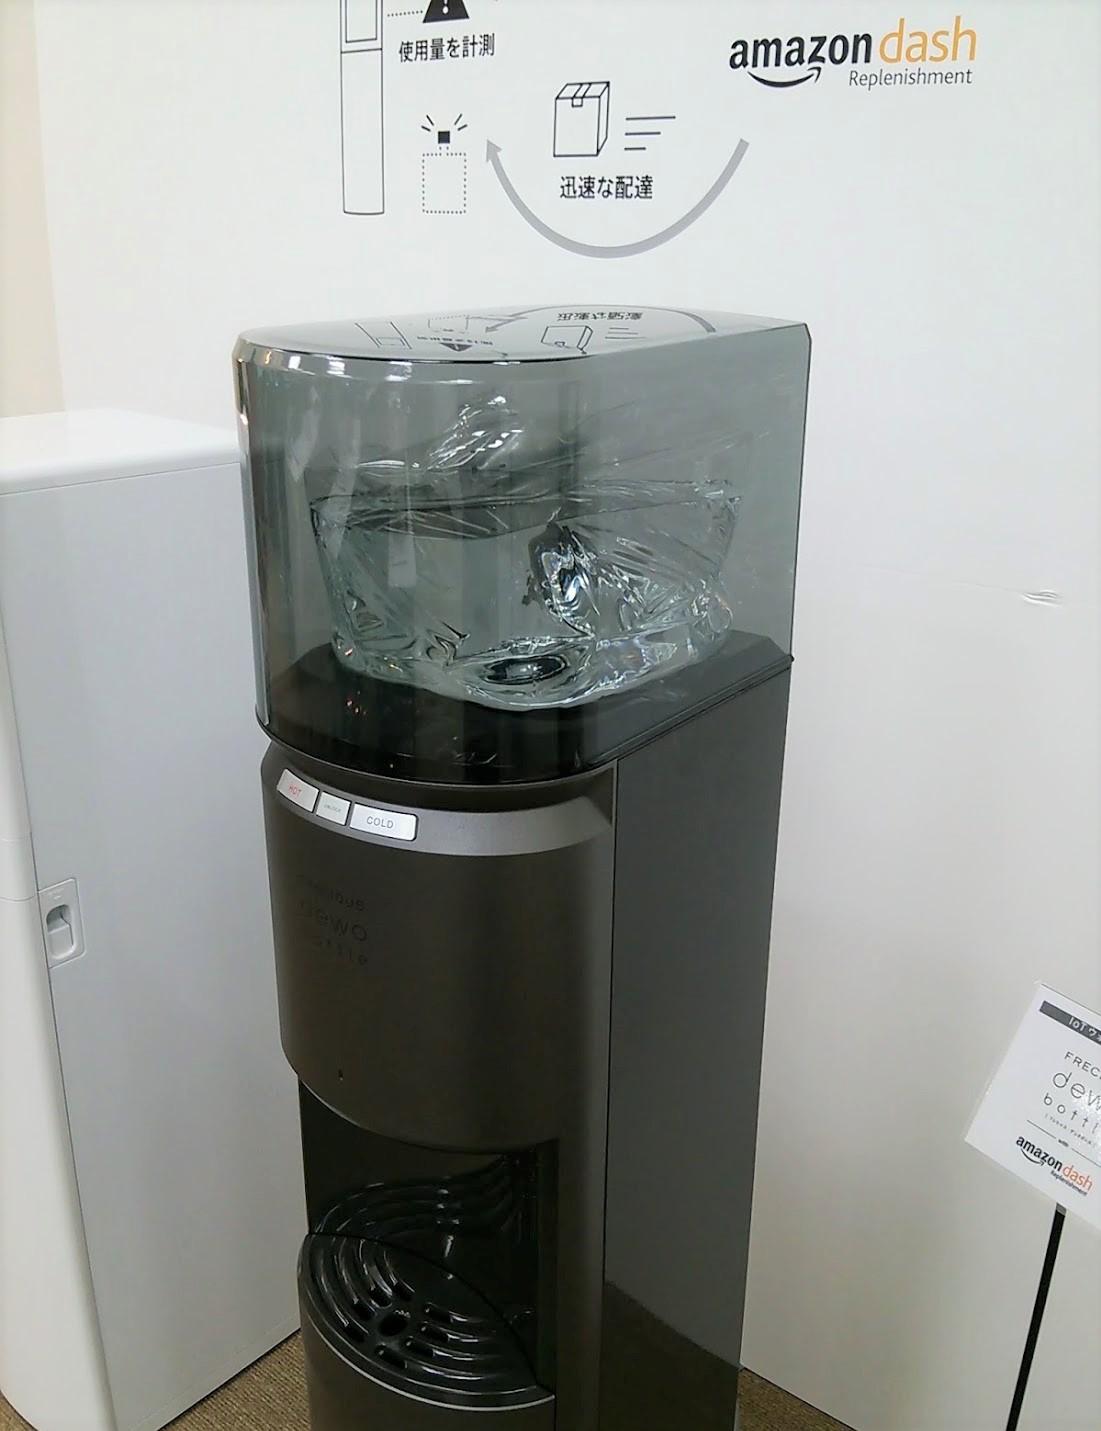 天然水ボトルを最適なタイミングで再注文!日本初のIoTウォーターサーバー登場!